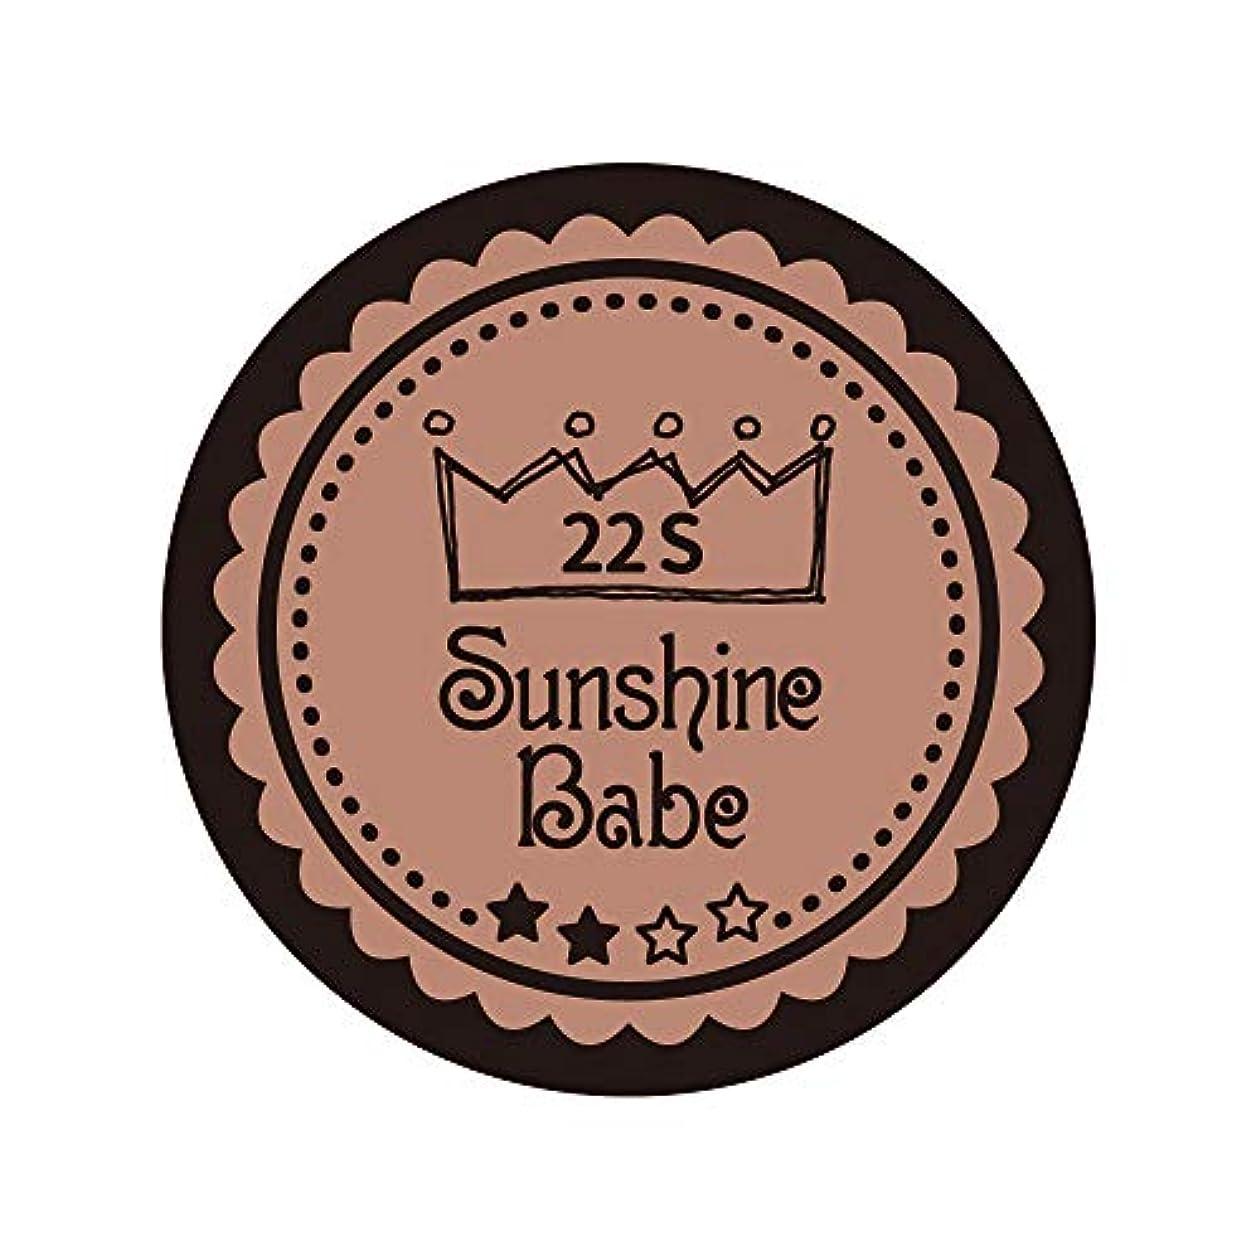 Sunshine Babe カラージェル 22S パレロワイヤル 2.7g UV/LED対応